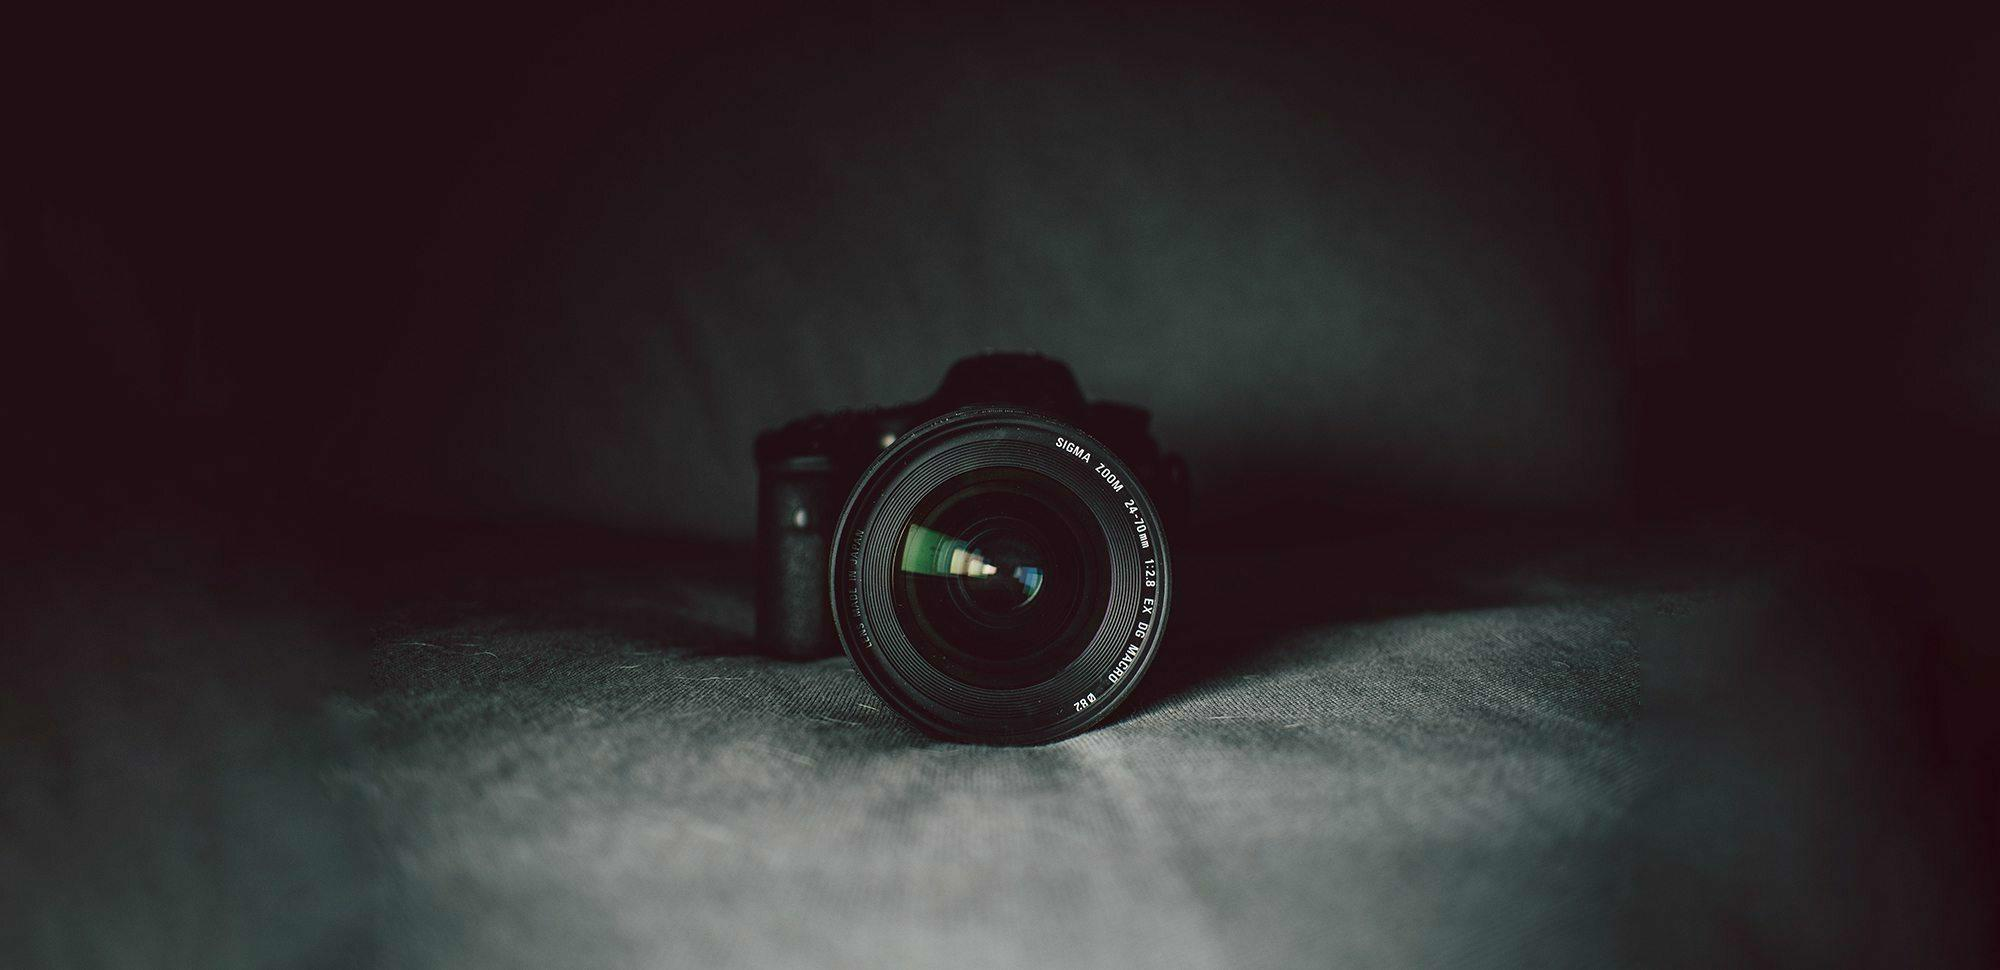 Fotografie voor je webshop